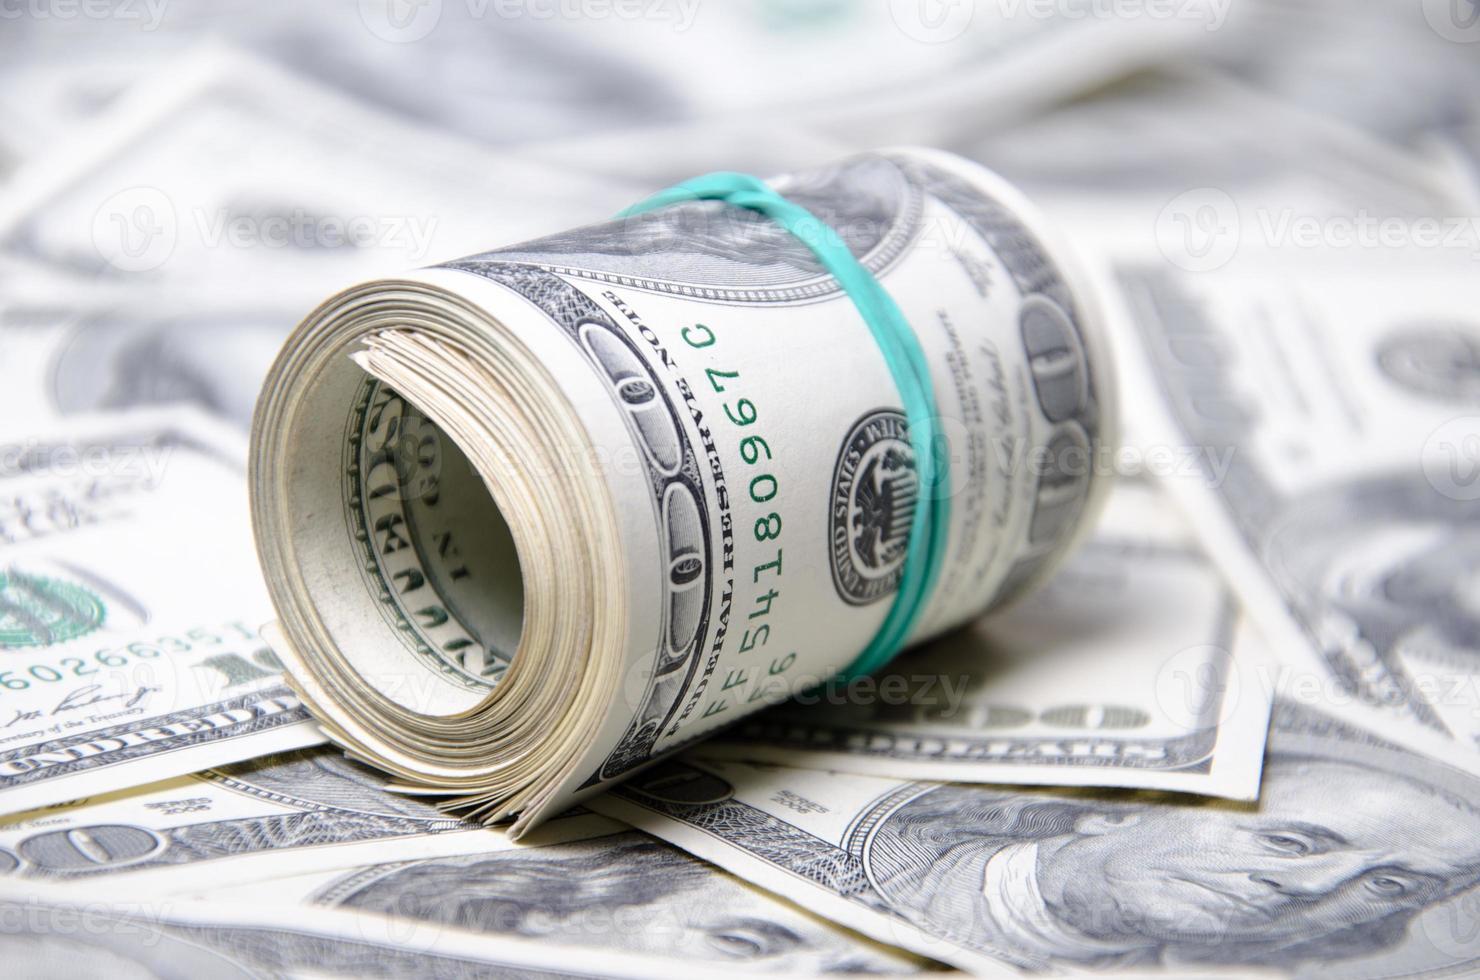 dólares estadounidenses foto